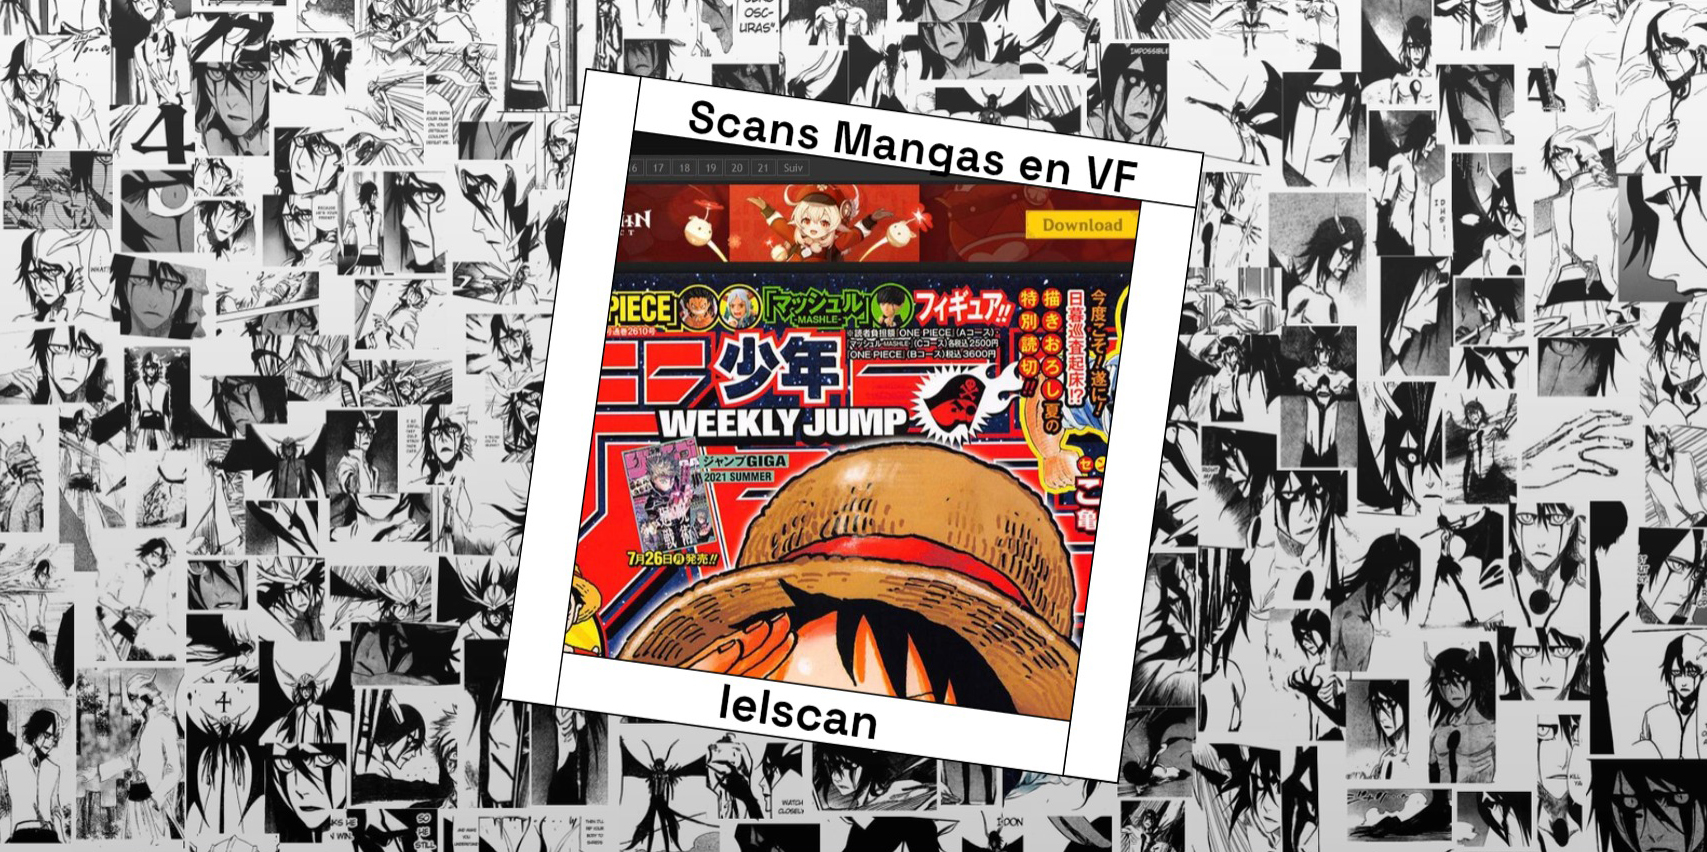 Lelscan : Lire tous les Scans Mangas en VF gratuitement